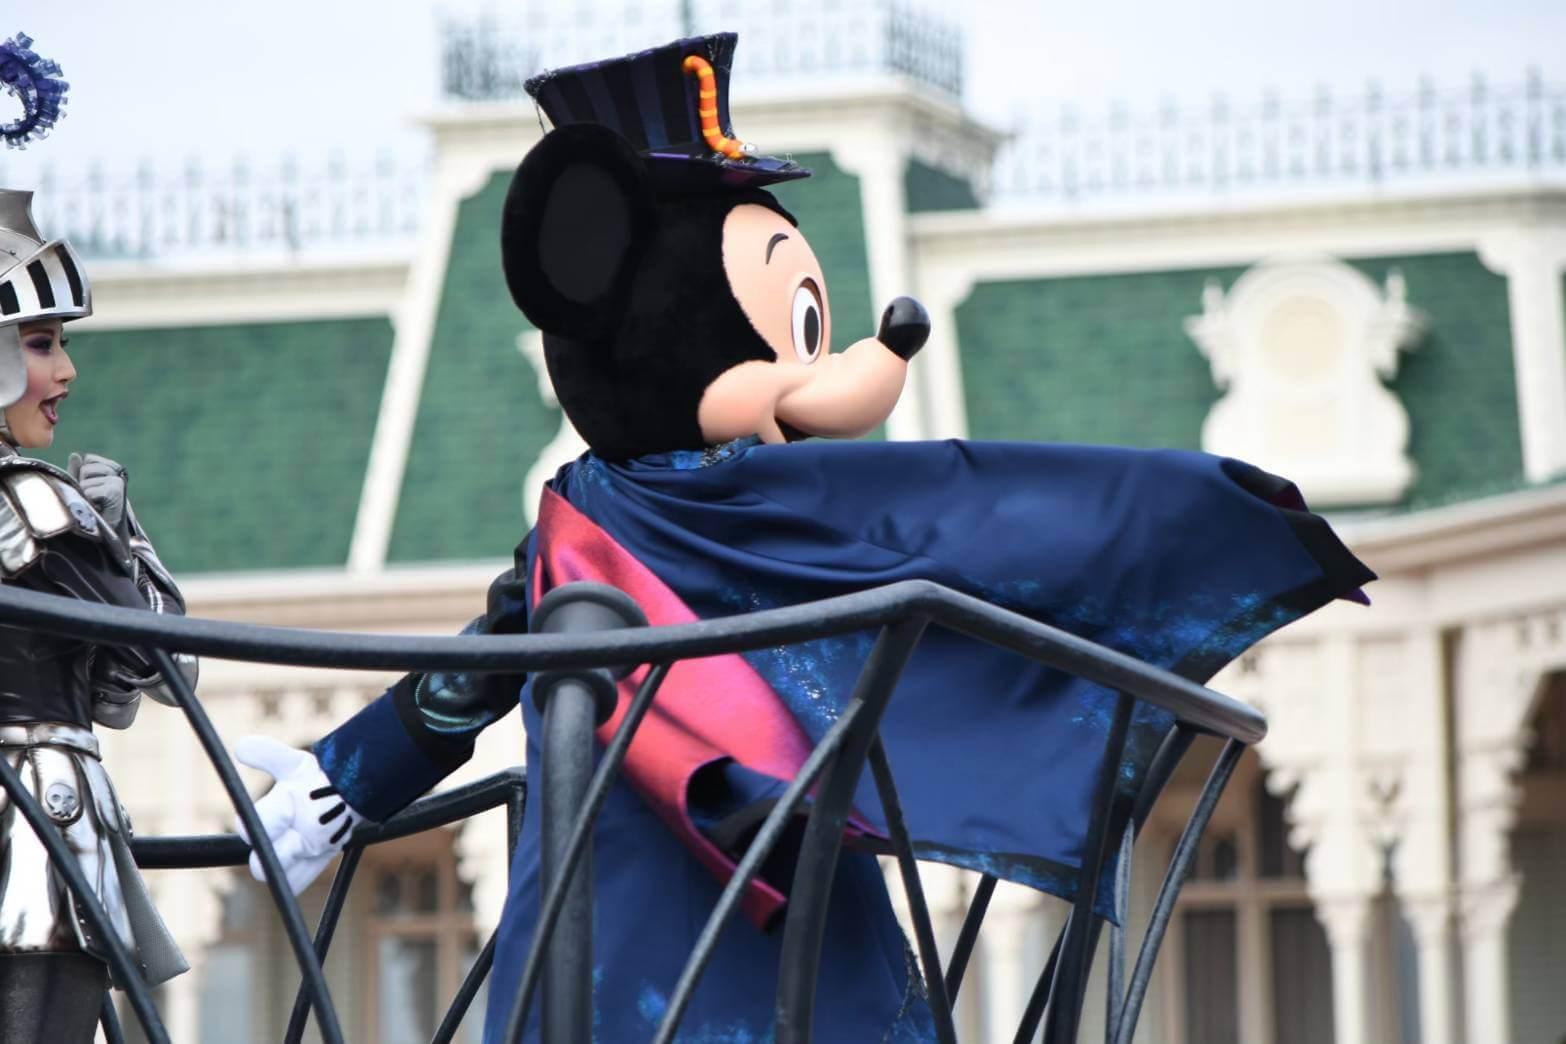 ハロウィンディズニー定番のおすすめ仮装!!人気キャラクターのミッキー&フレンズの全身フル仮装でディズニーを楽しもう!!